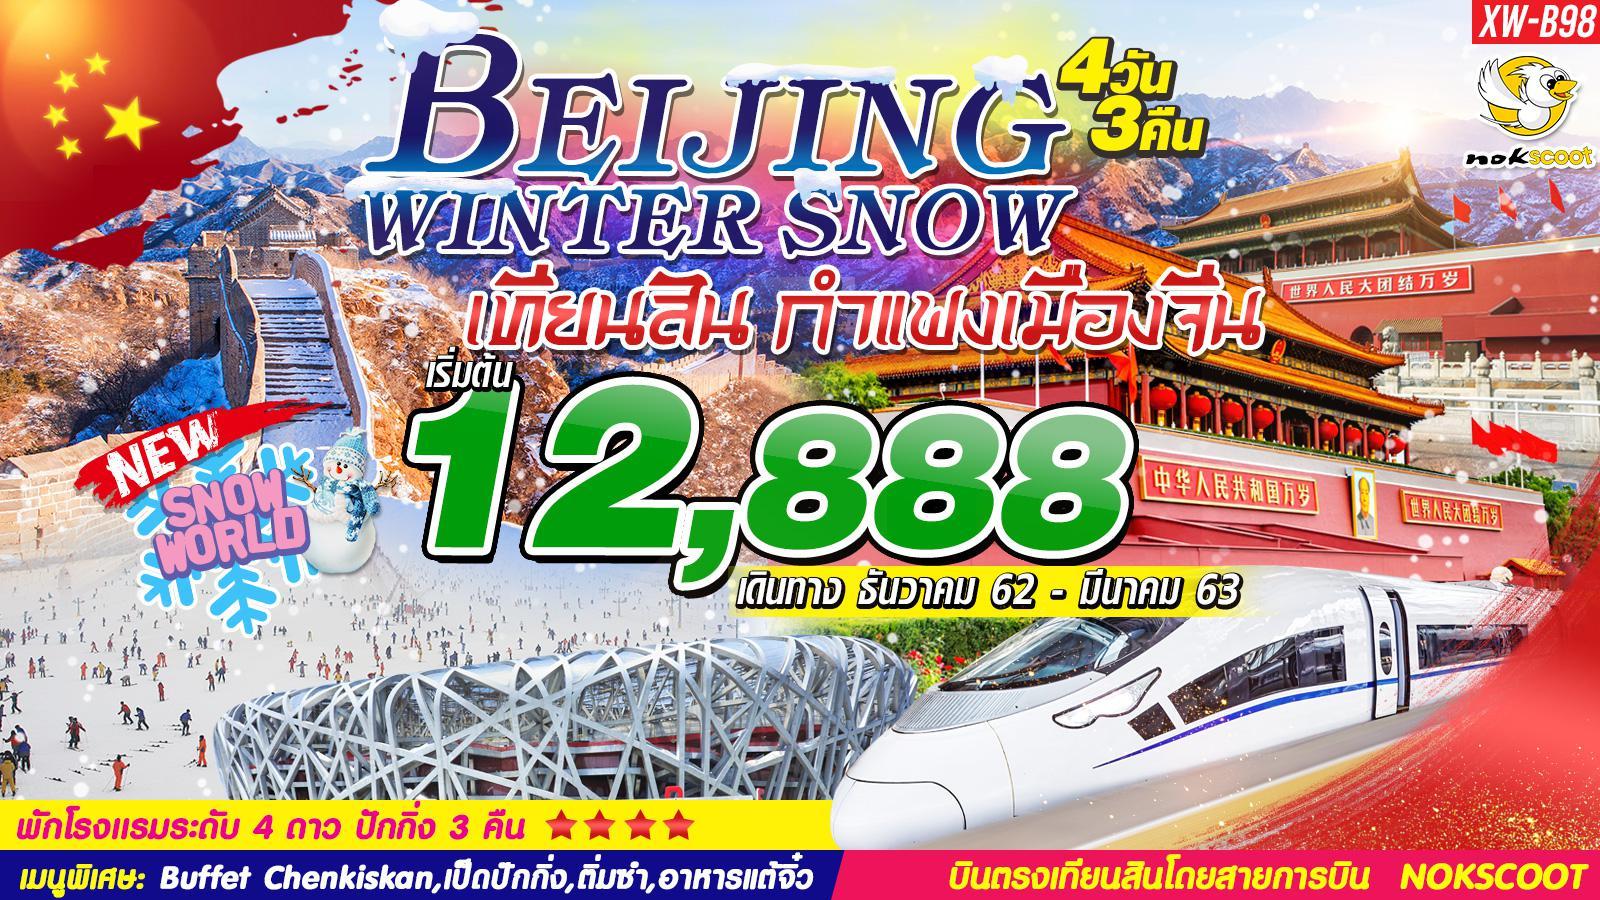 ทัวร์จีน-Beijing-Winter-Snow-4วัน3คืน-(JAN-MAR'20)-(XW-B98)